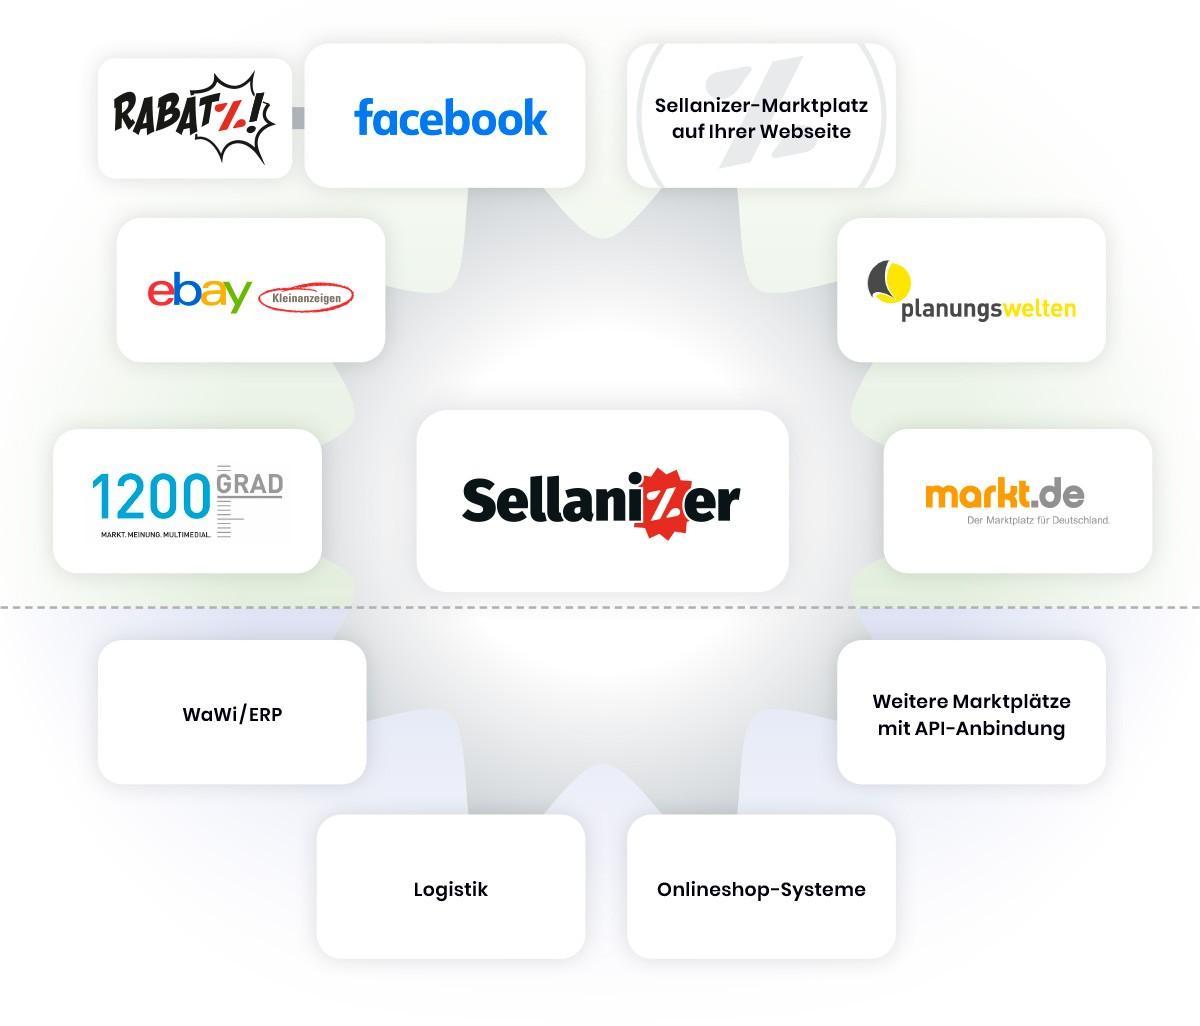 Die Sellanizer Schnittstellen eBay Kleinanzeigen Facebook Homepage Planungswelten Markt.de 1200Grad Rabatz